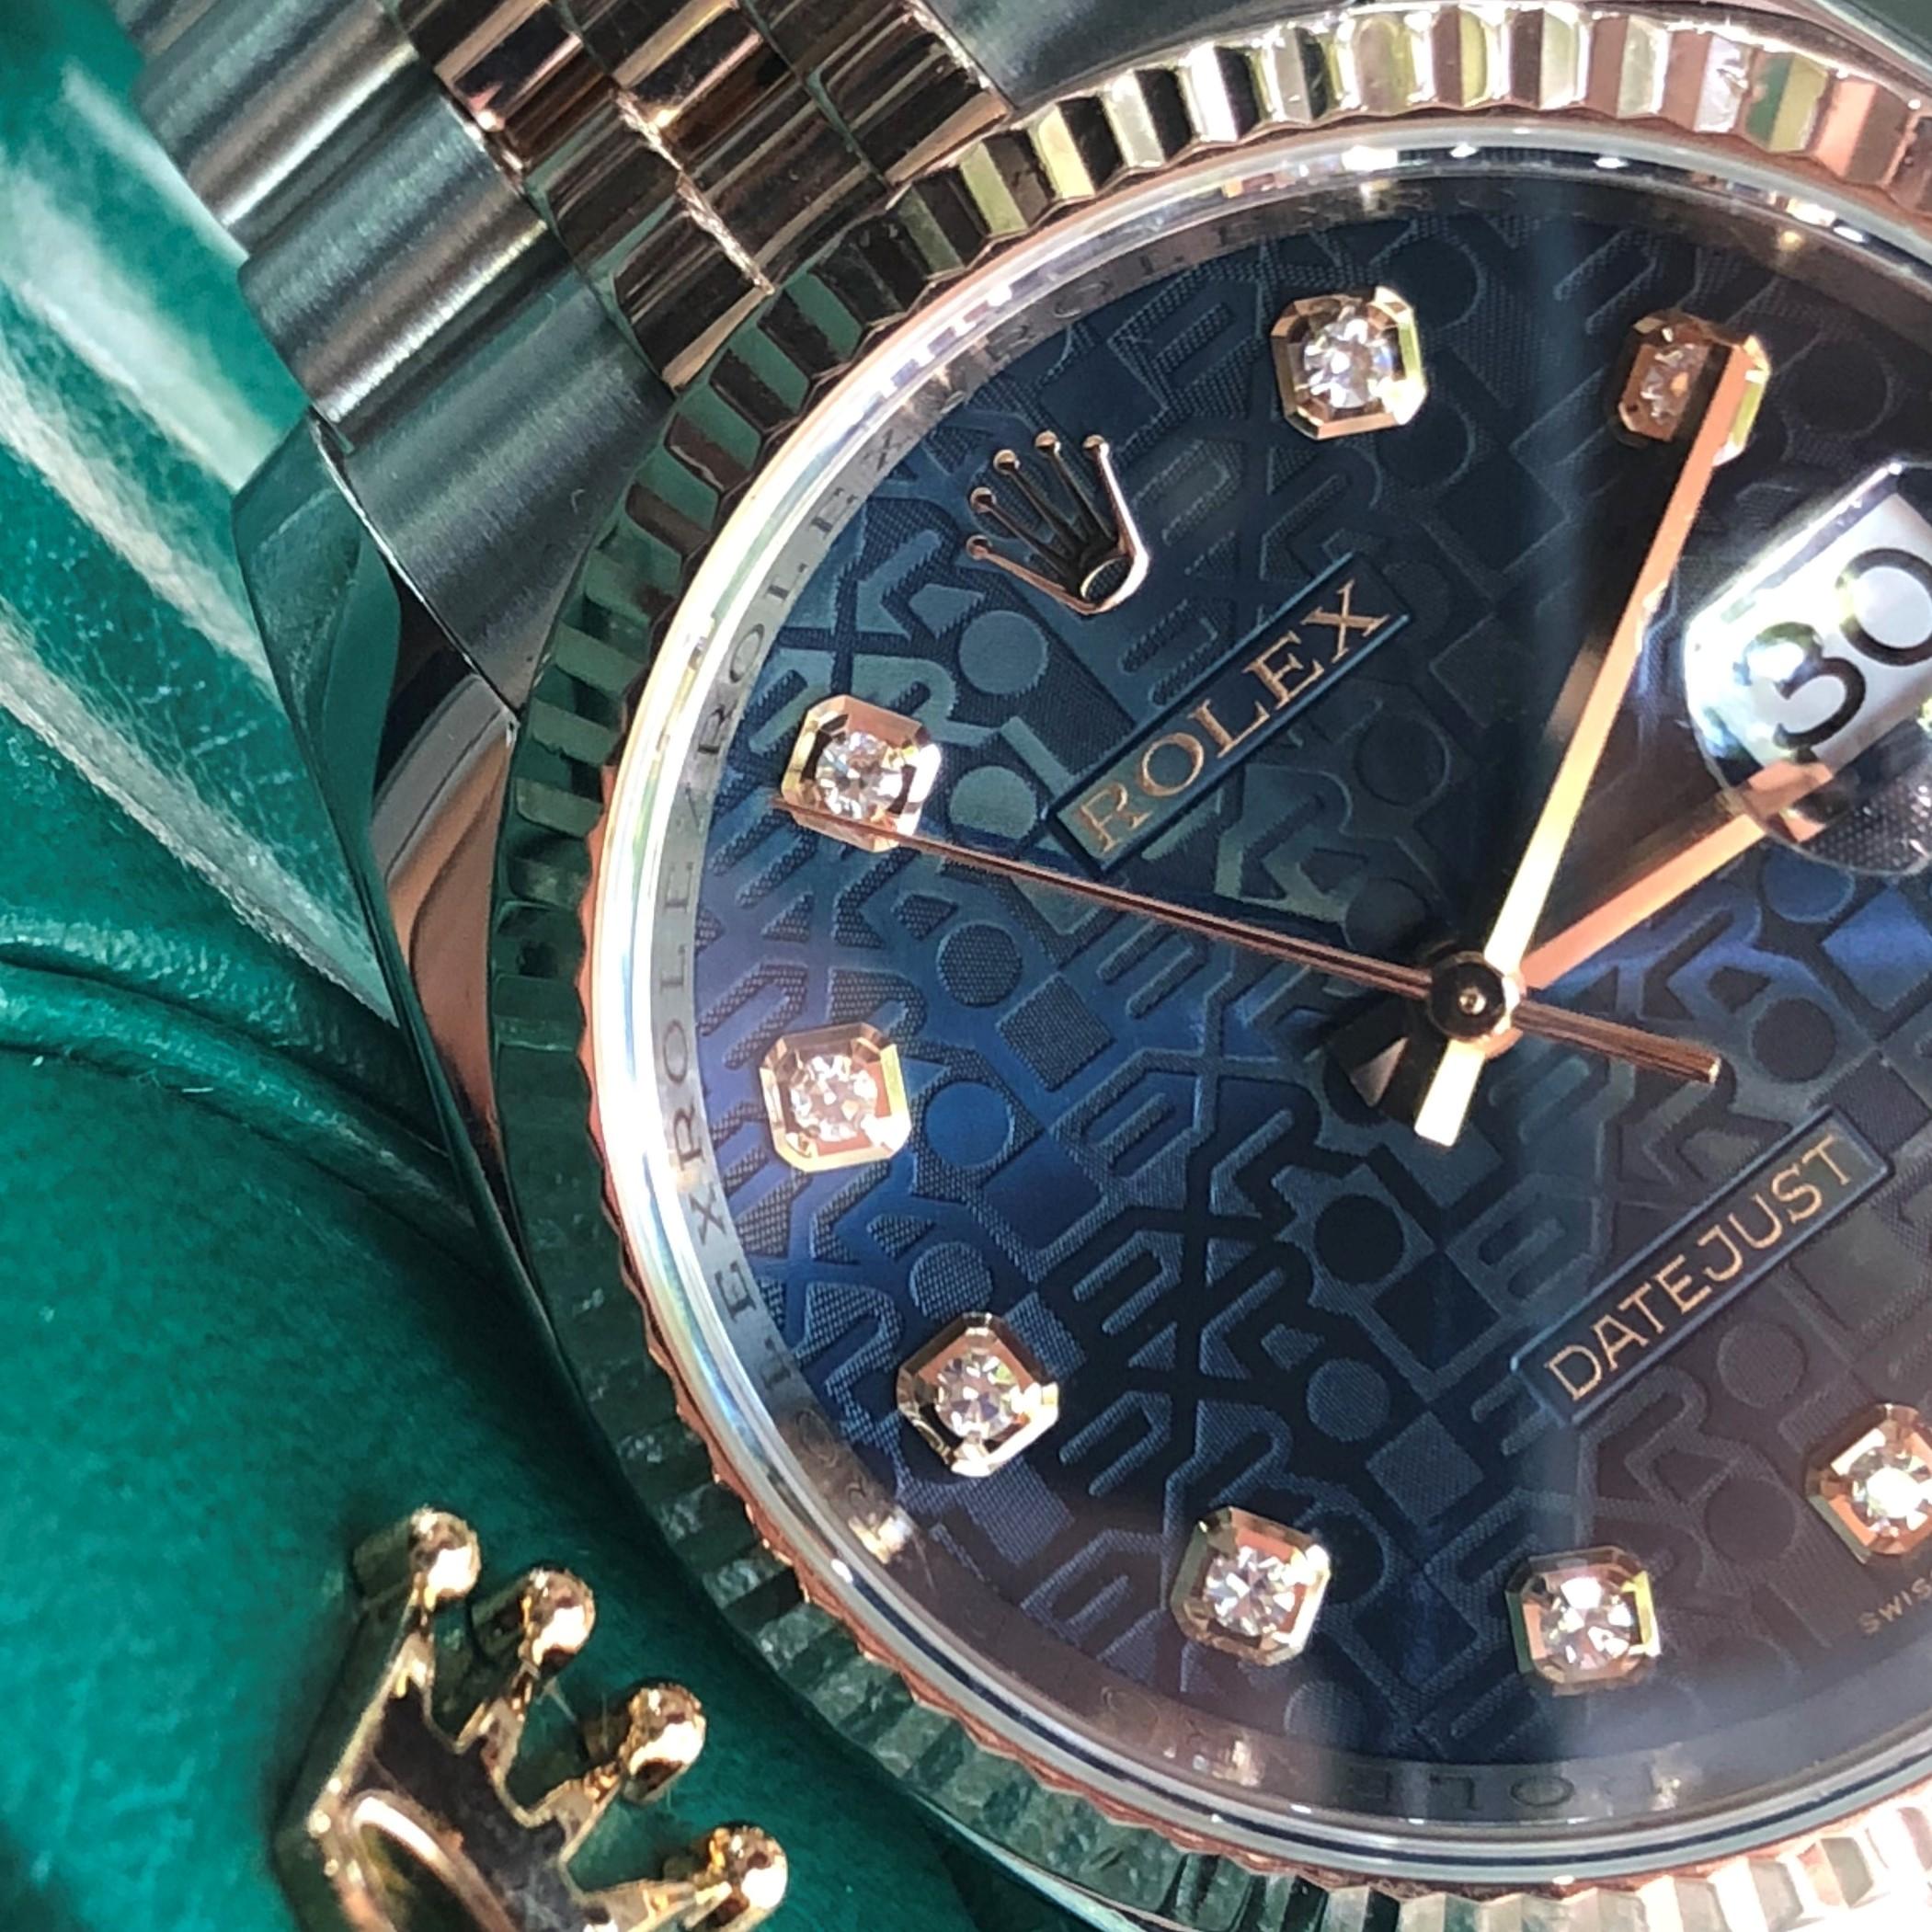 Rolex 116231 mặt vi tính xanh Navy demi vàng hồng size 36mm